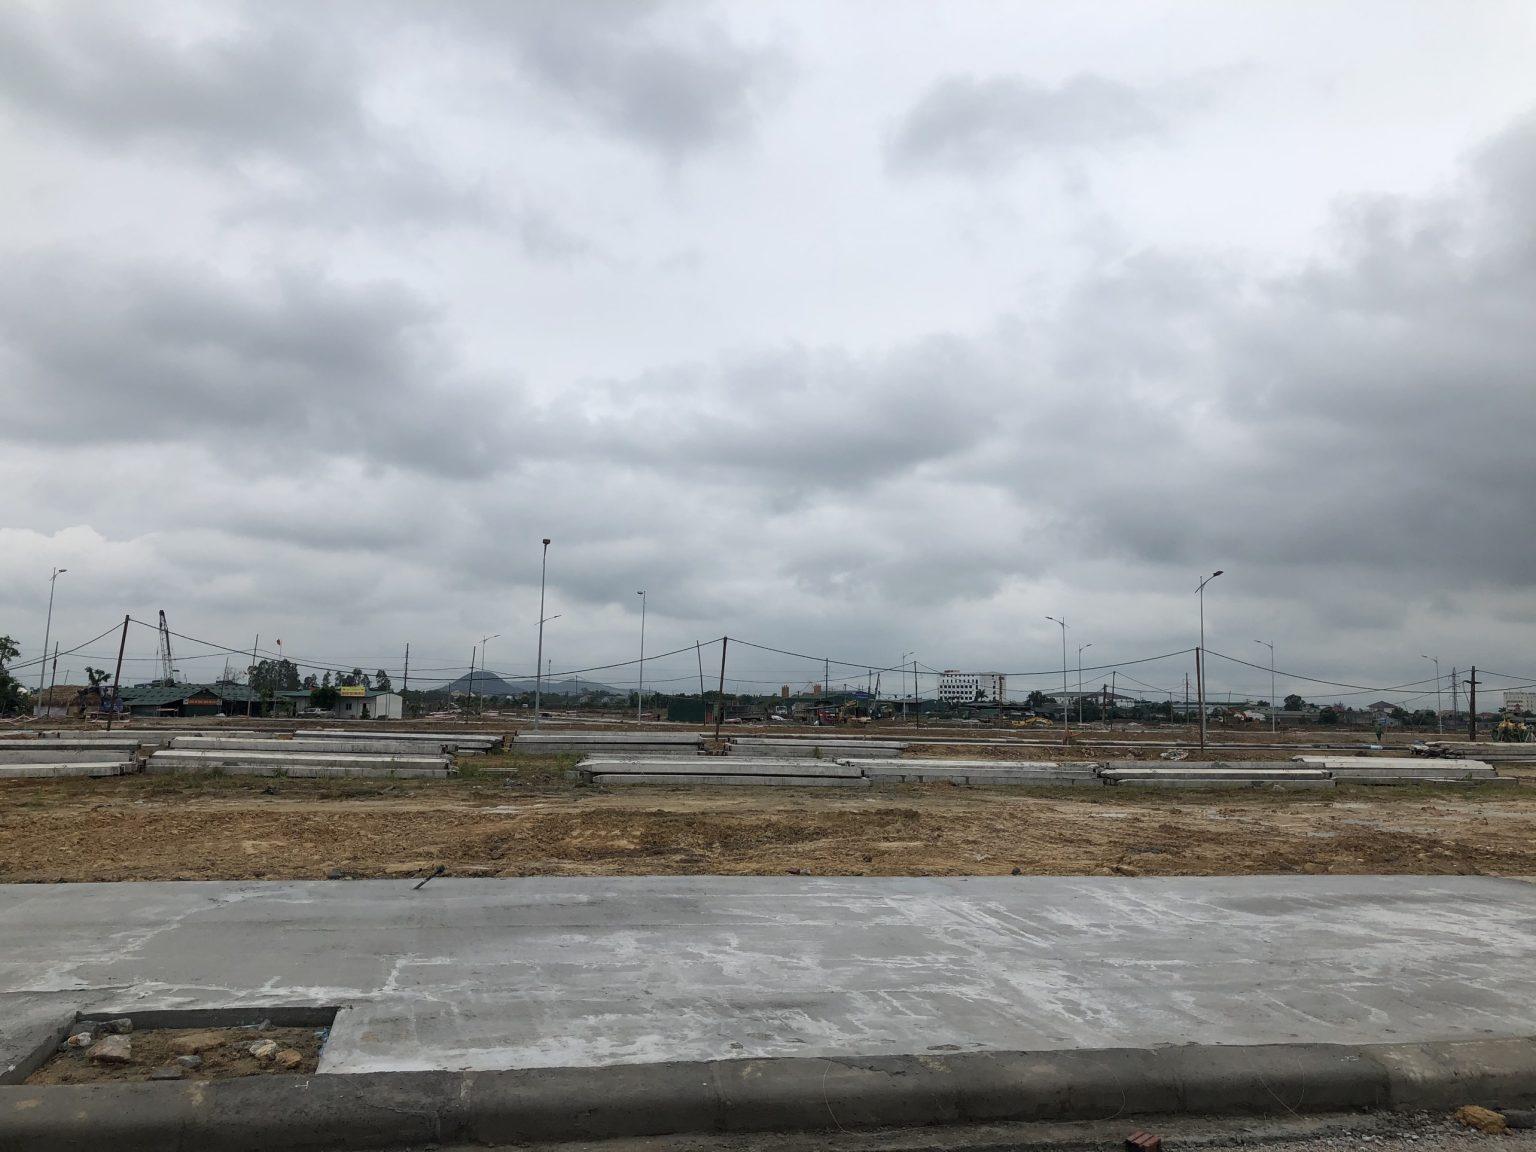 tiến dộ xây dựng dự án